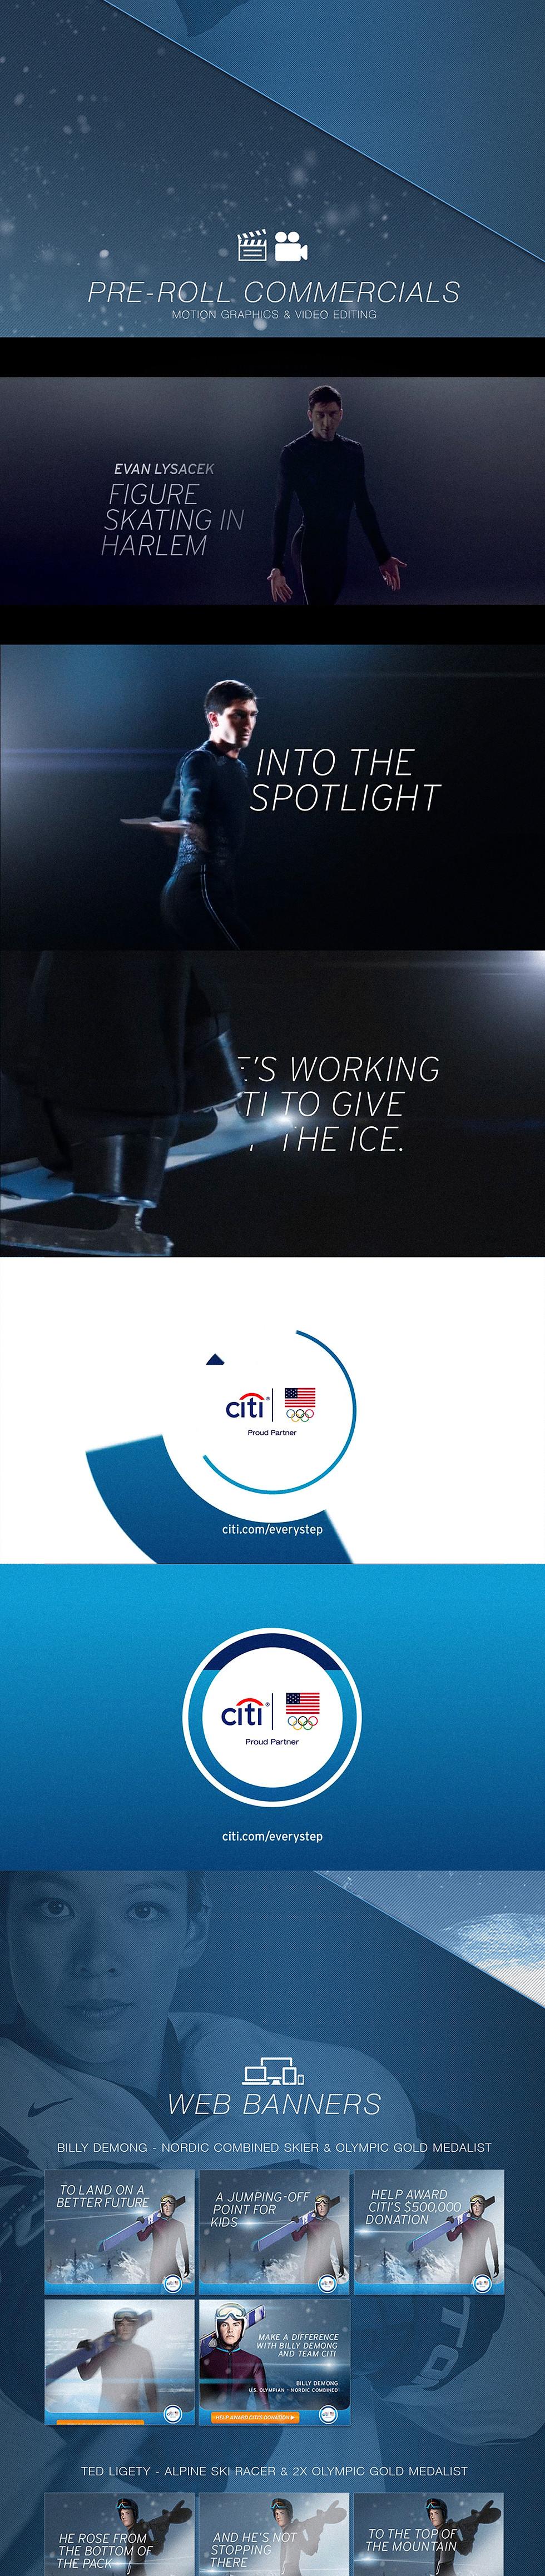 Citi_Campaign_Web_02.jpg